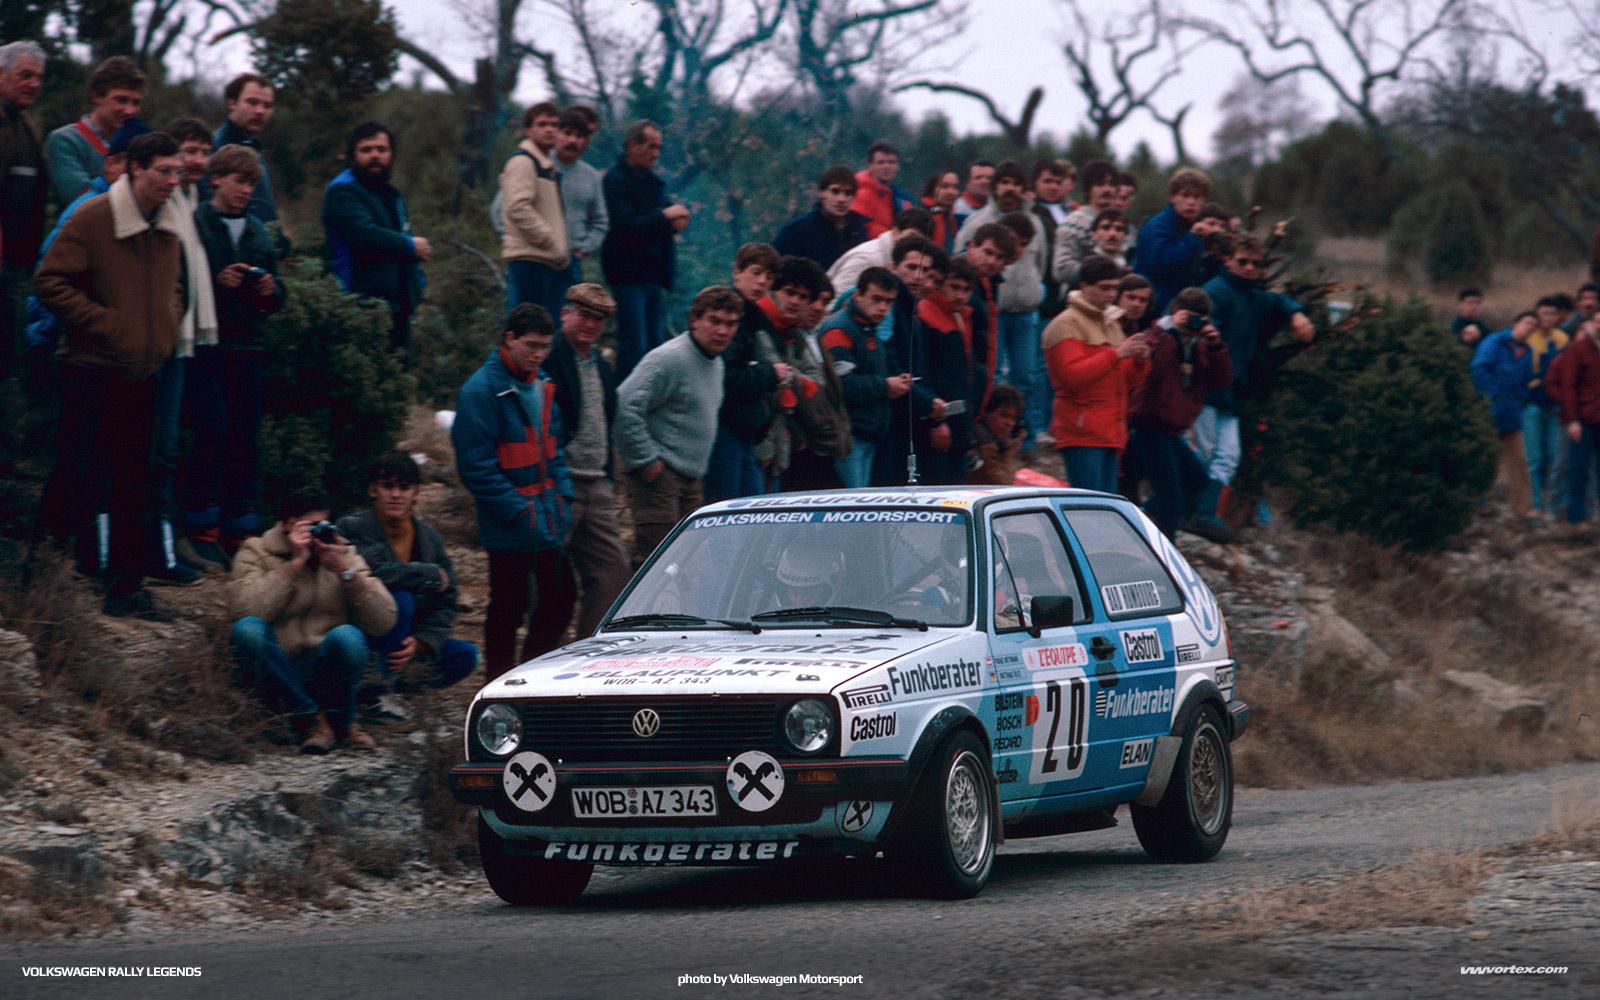 volkswagen-rally-legends-378